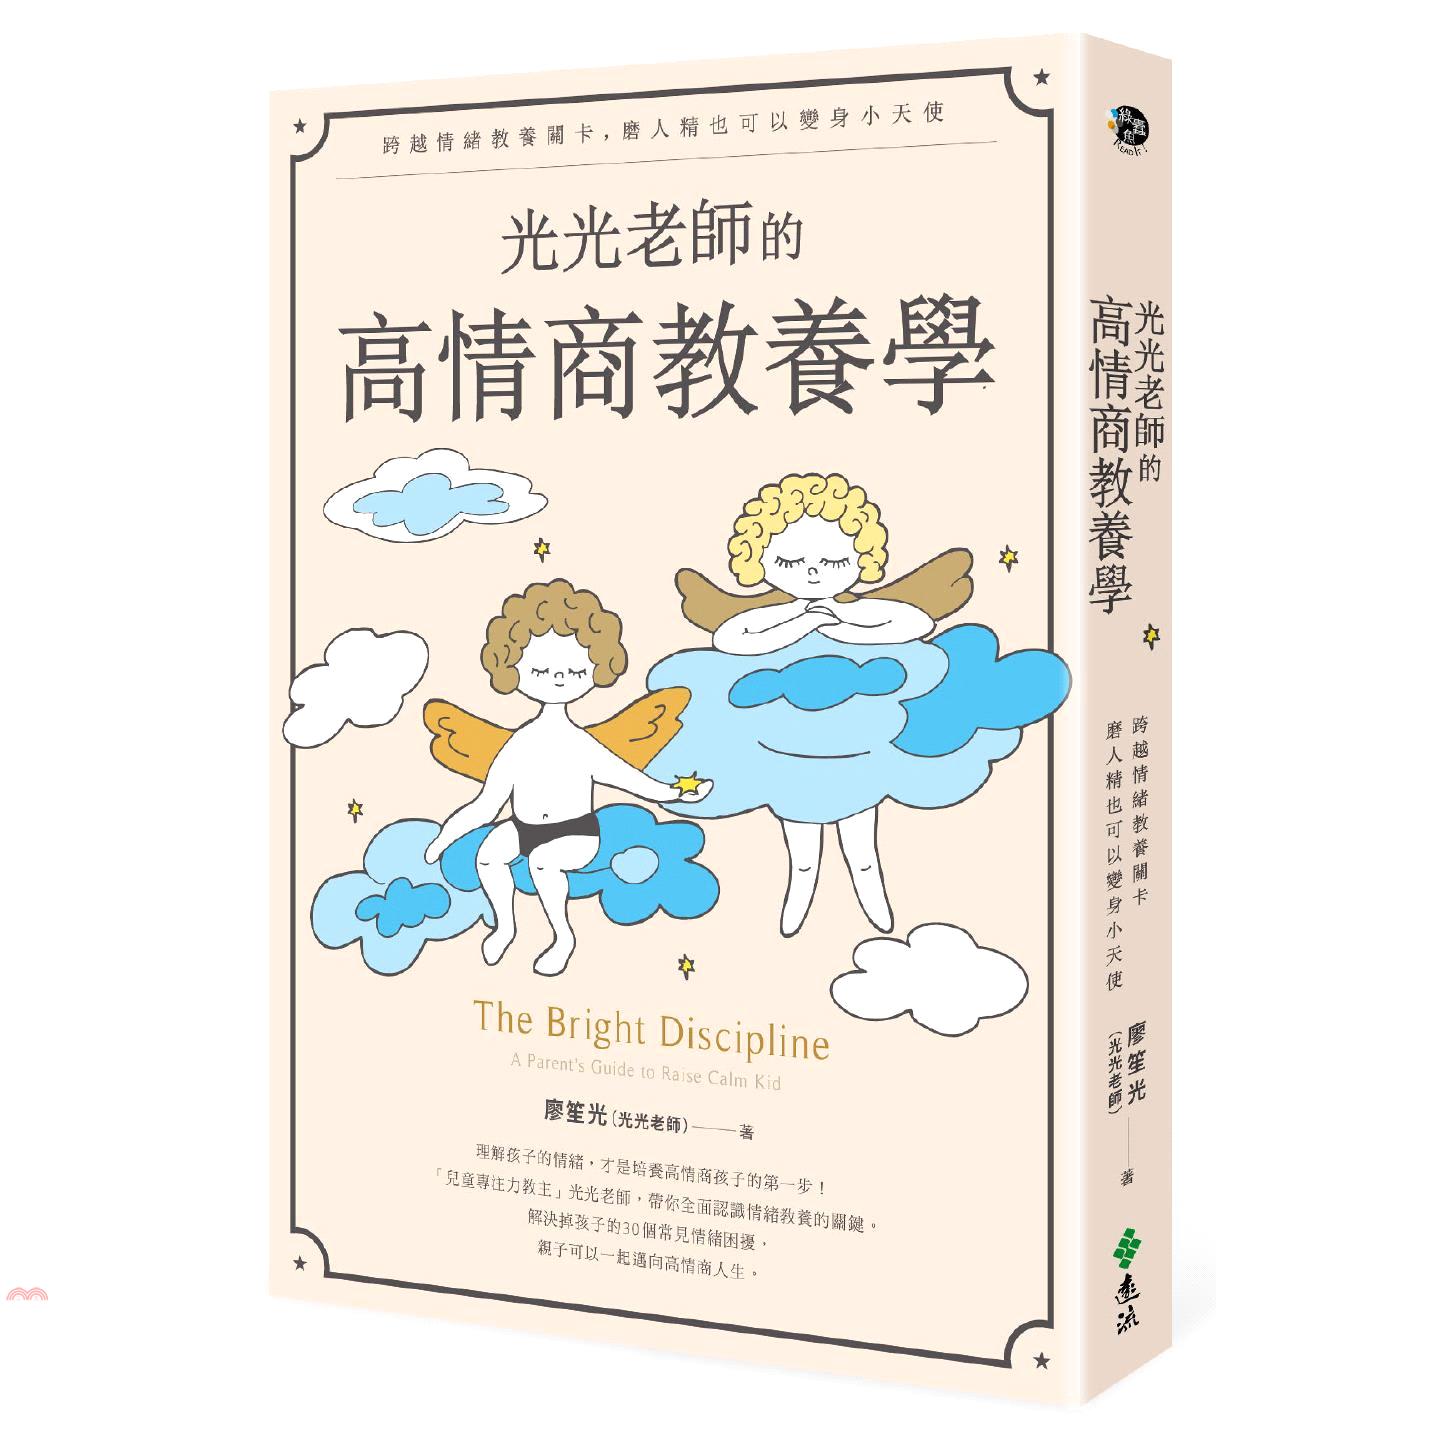 《遠流》光光老師的高情商教養學:跨越情緒教養關卡,磨人精也可以變身小天使[79折]